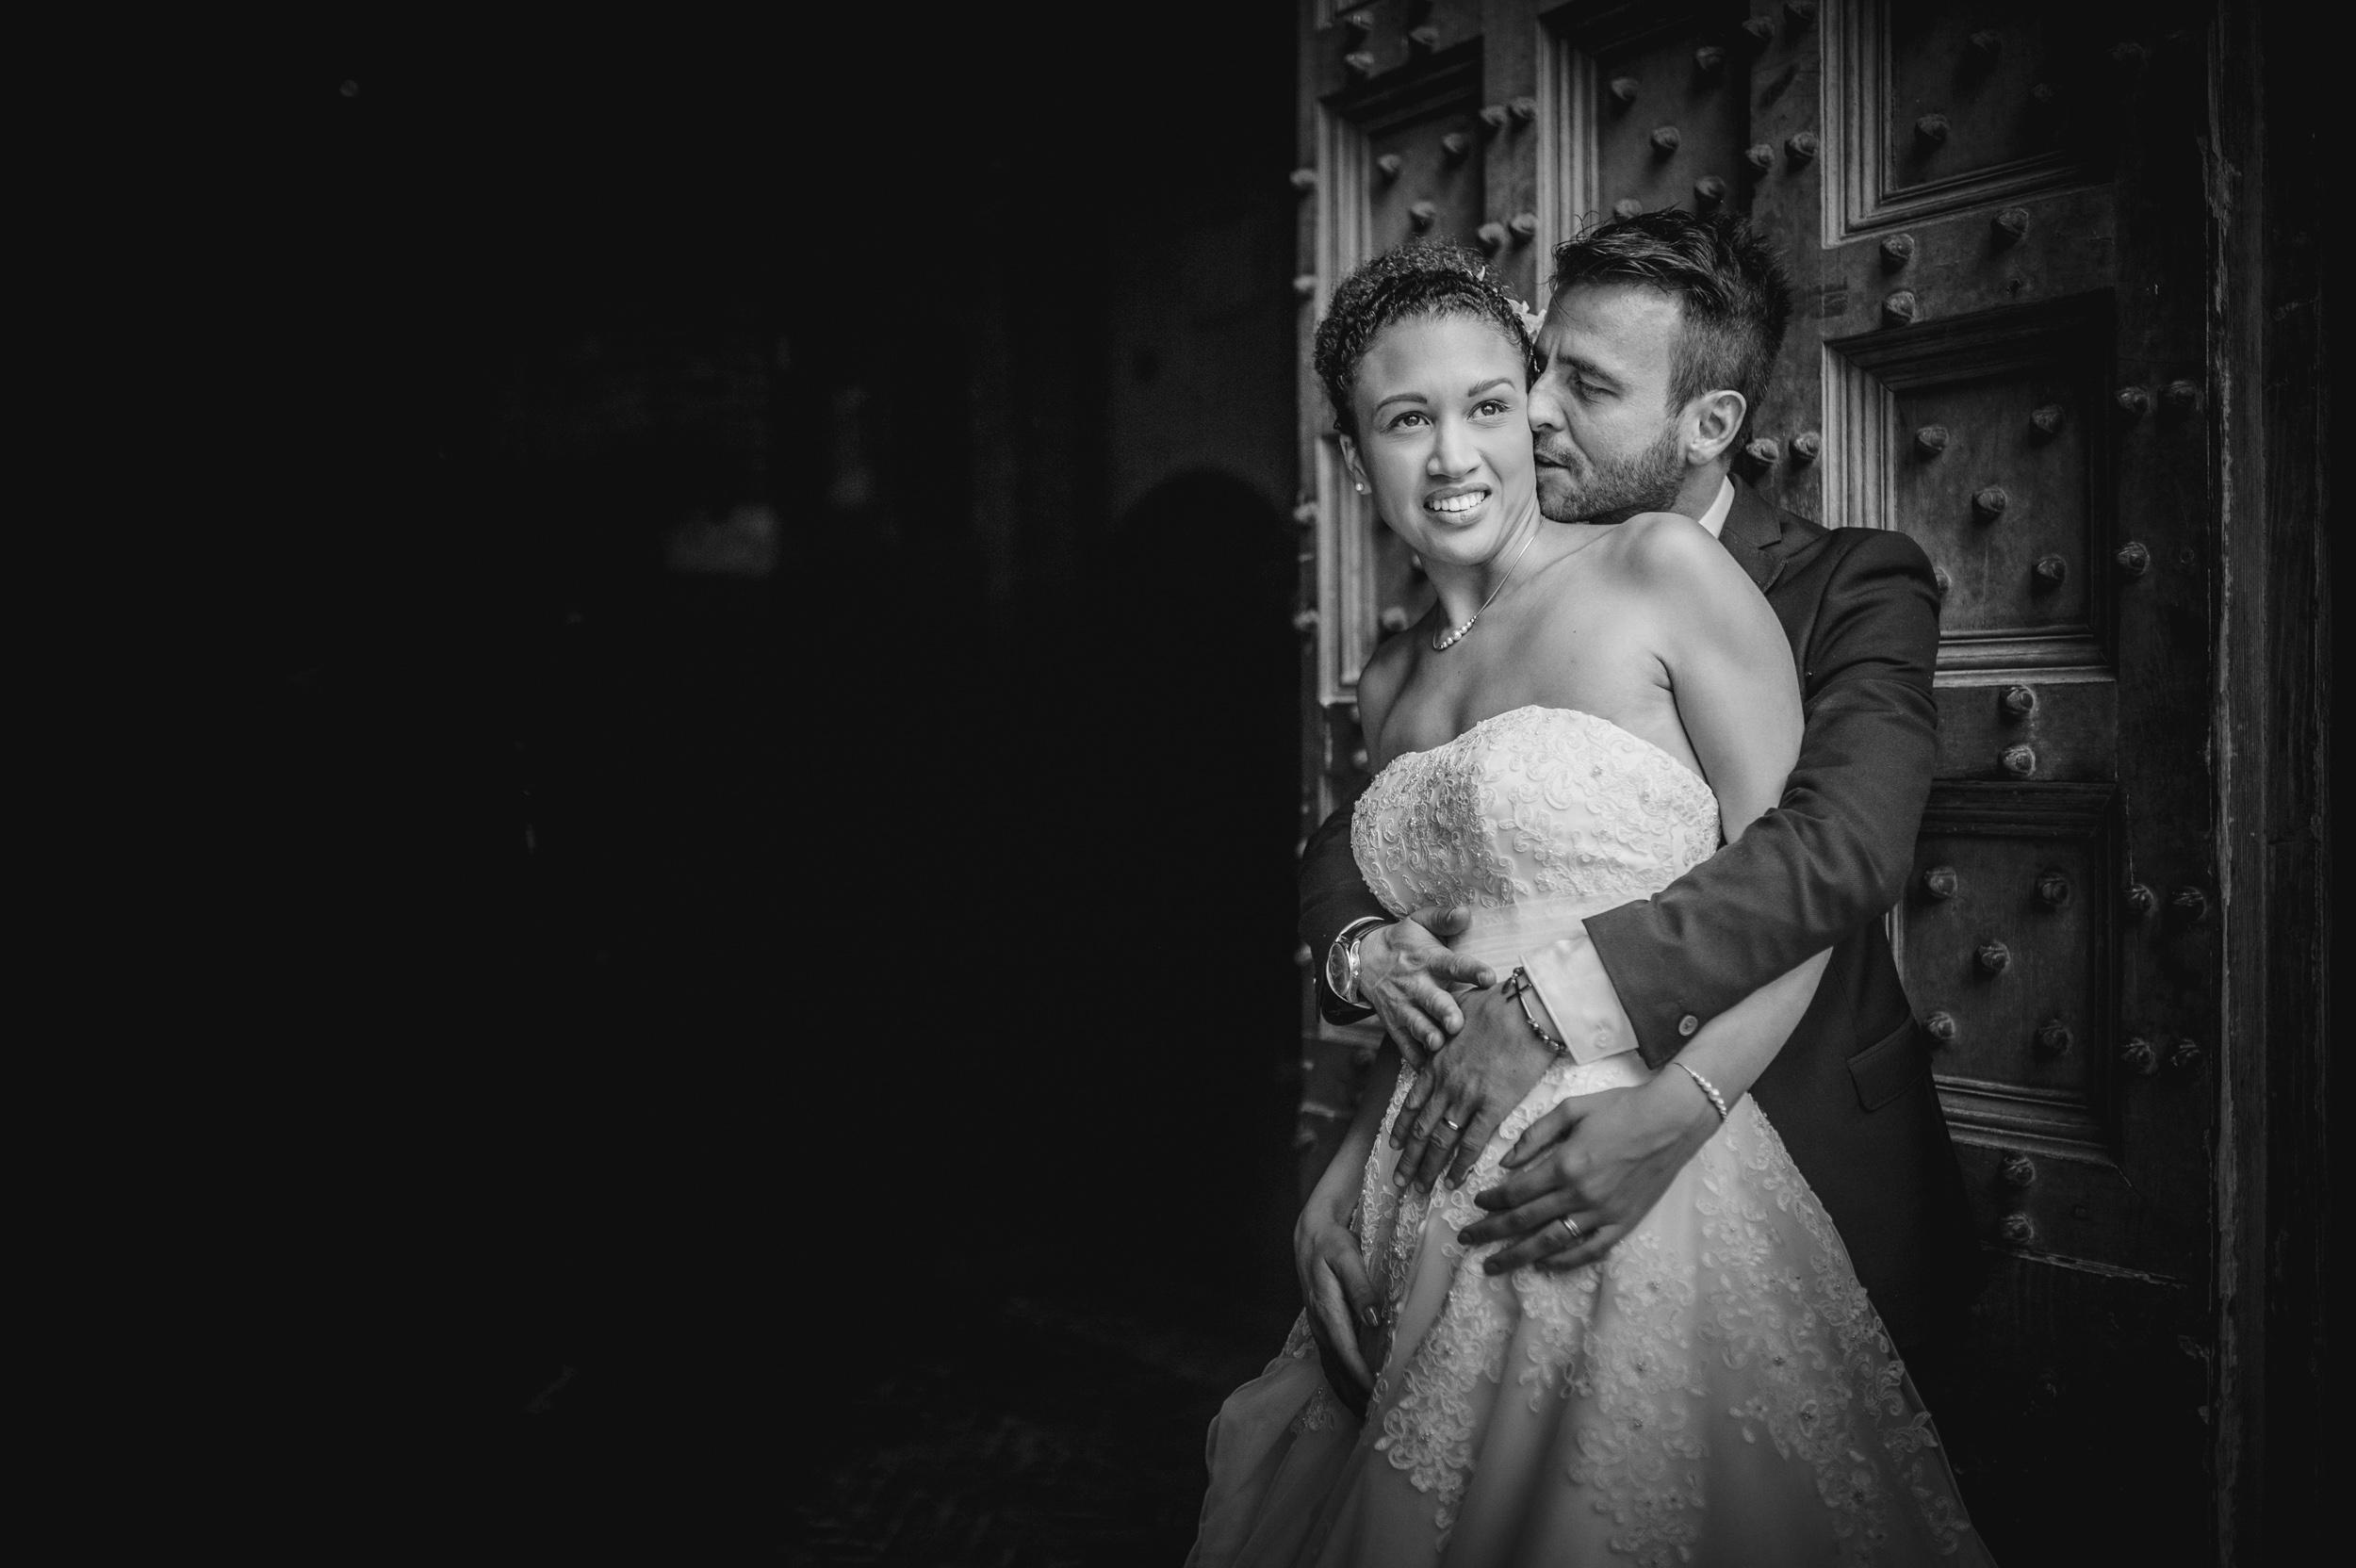 fotografo matrimonio siena toscana - wedding photographer in tuscany, siena wedding photographer